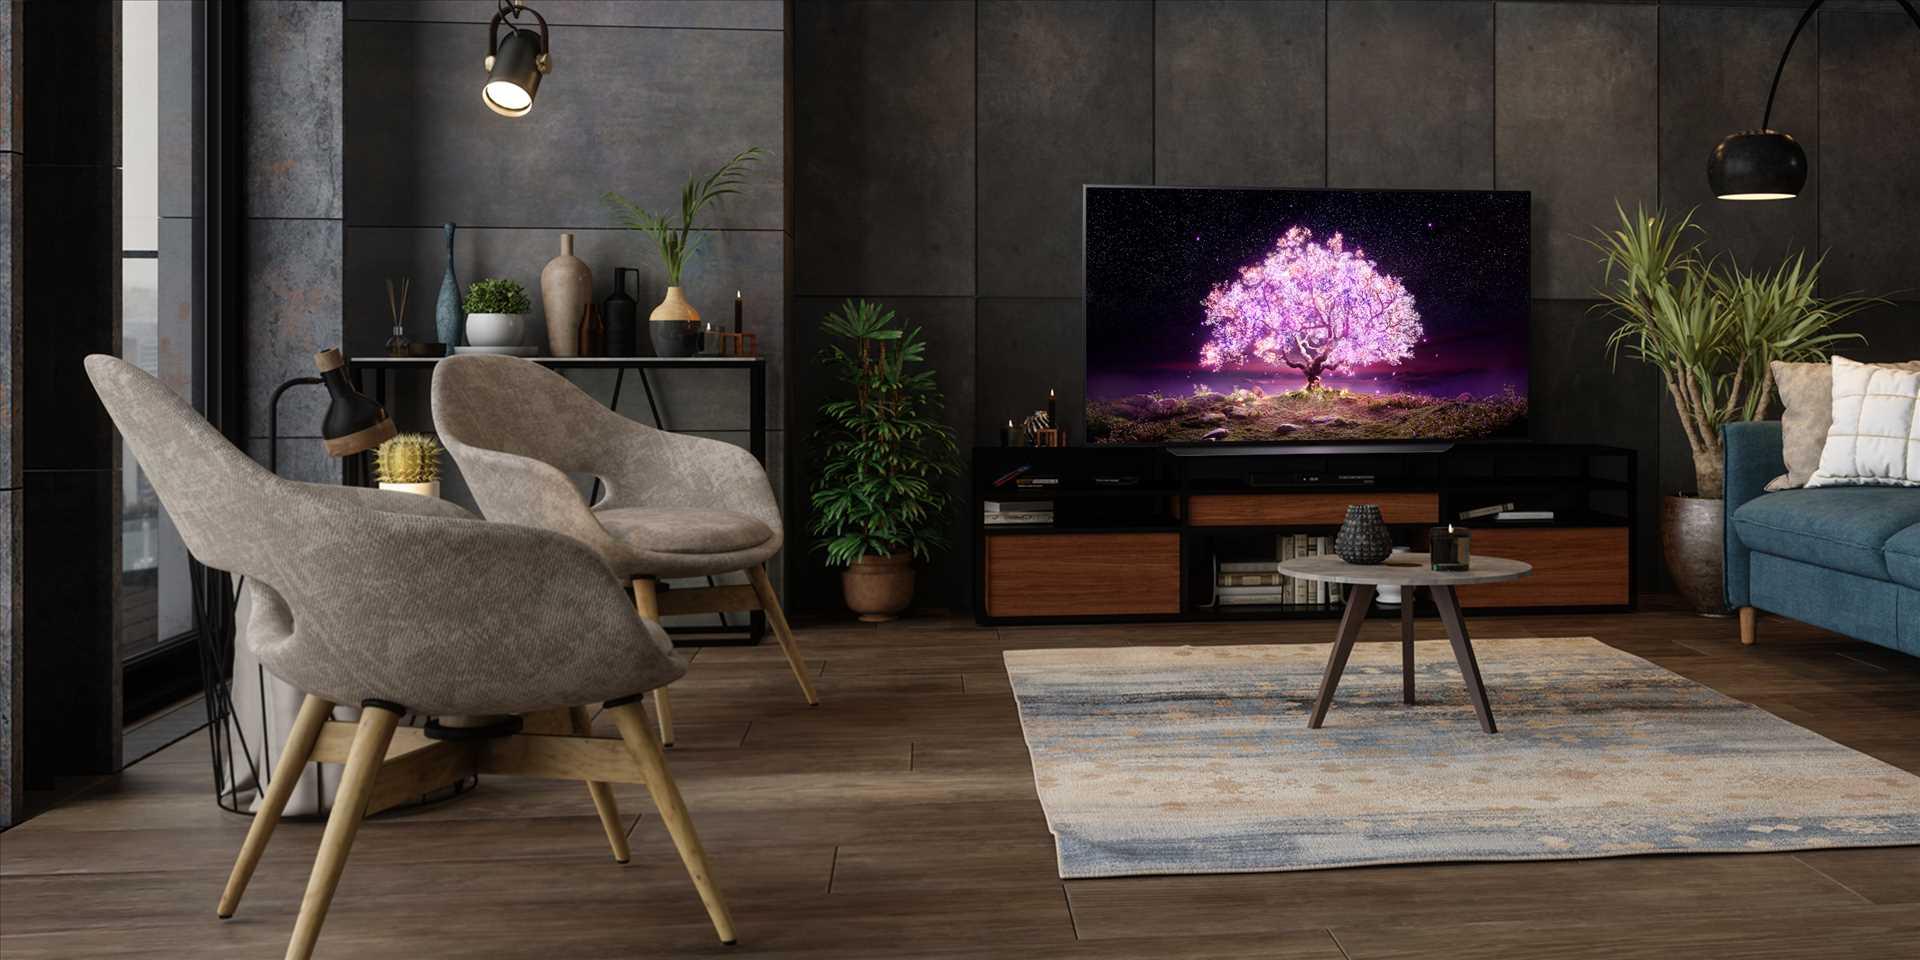 טלוויזיה 55 אינץ' דגם OLED 55C1PVB  בטכנולוגיית LG OLED 4K Ultra HD אל ג'י - תמונה 11